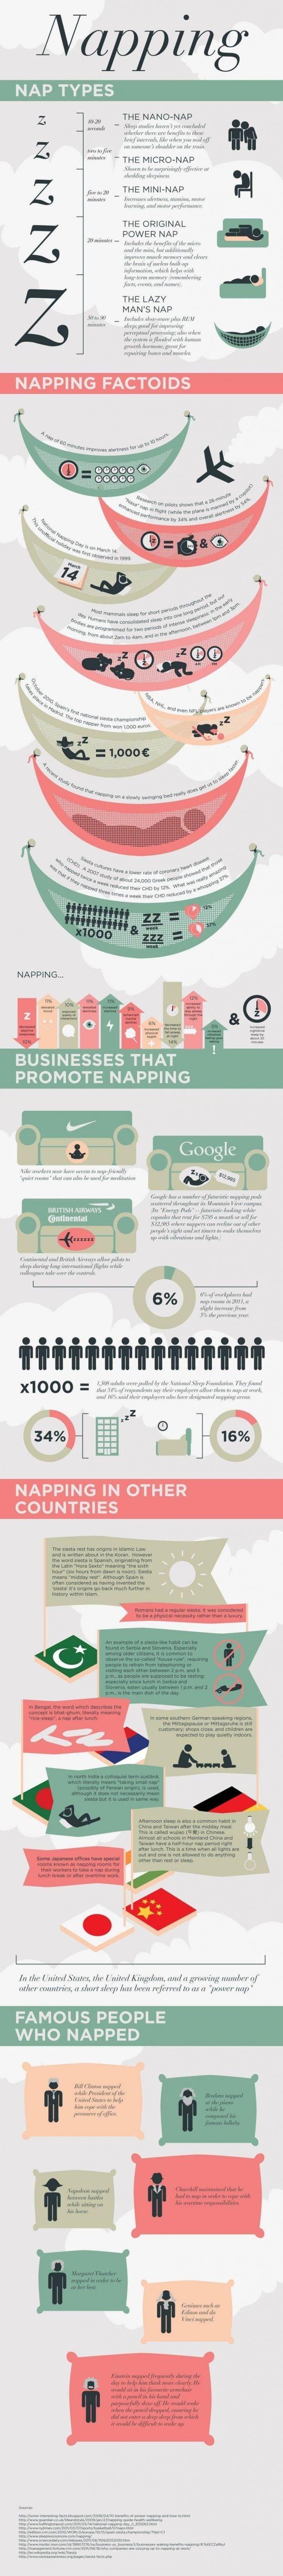 Importancia de tomar una siesta #Infografía